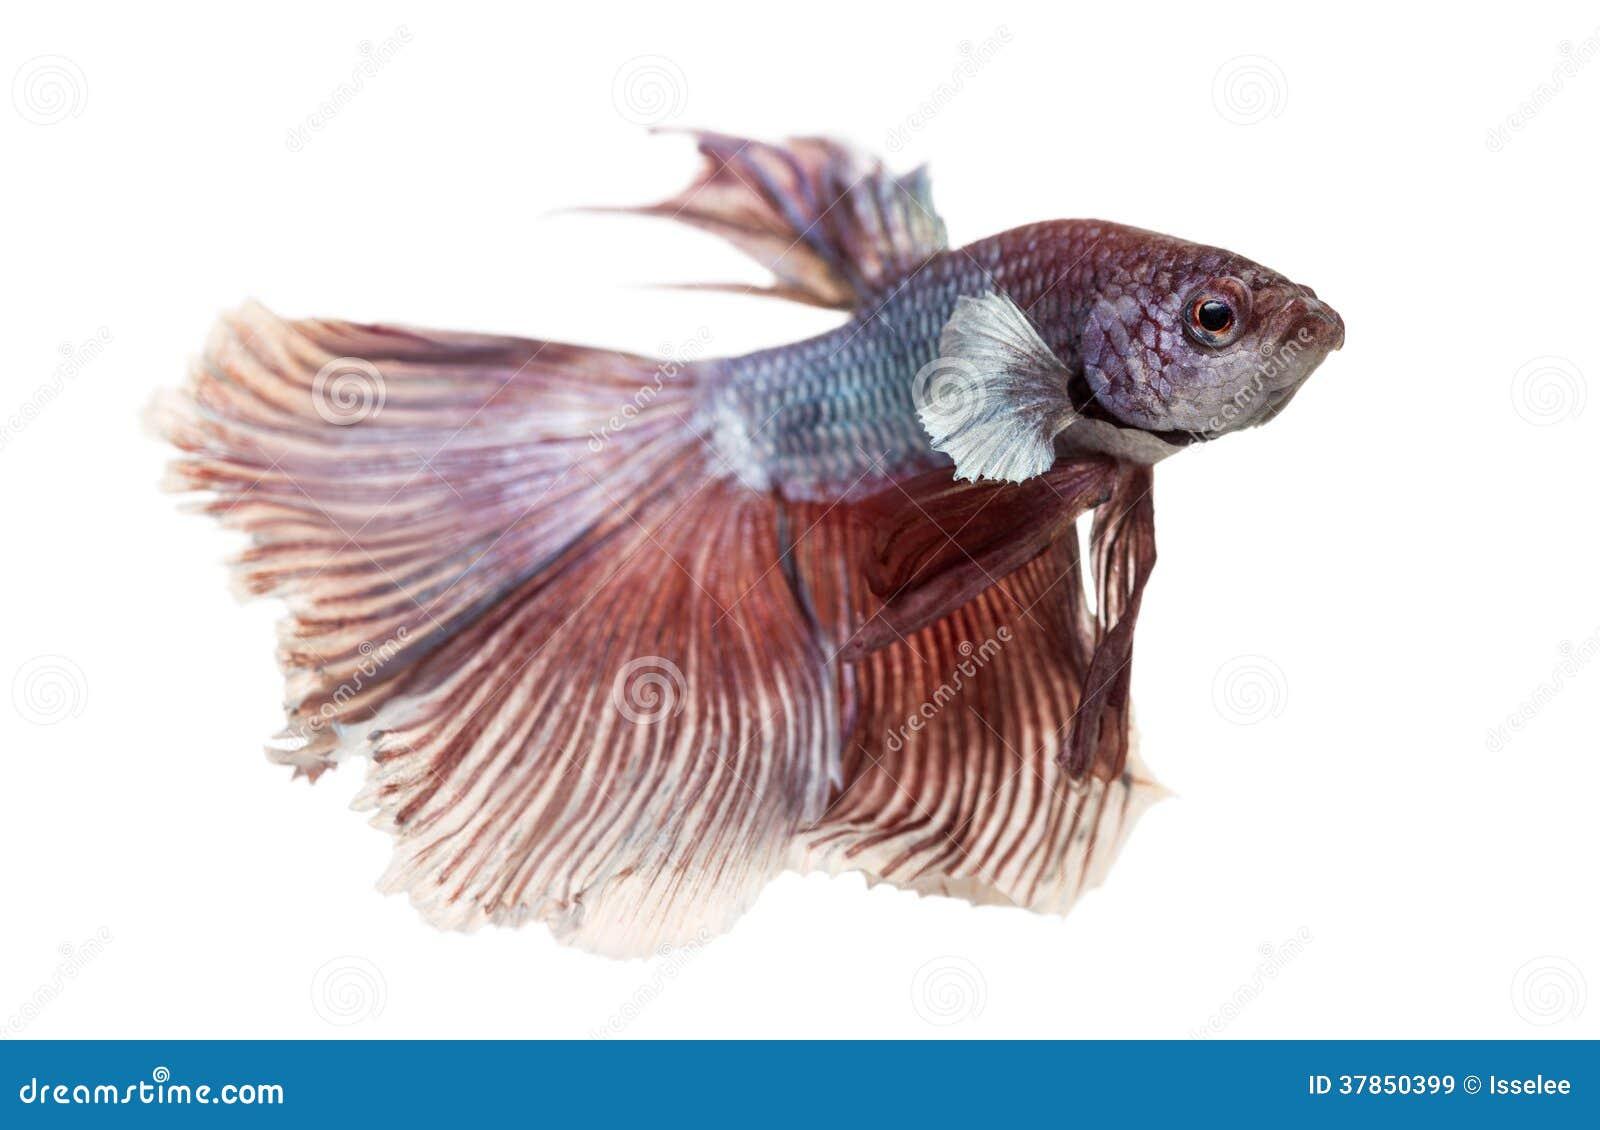 Zijaanzicht van een Siamese het vechten vis, Betta splendens